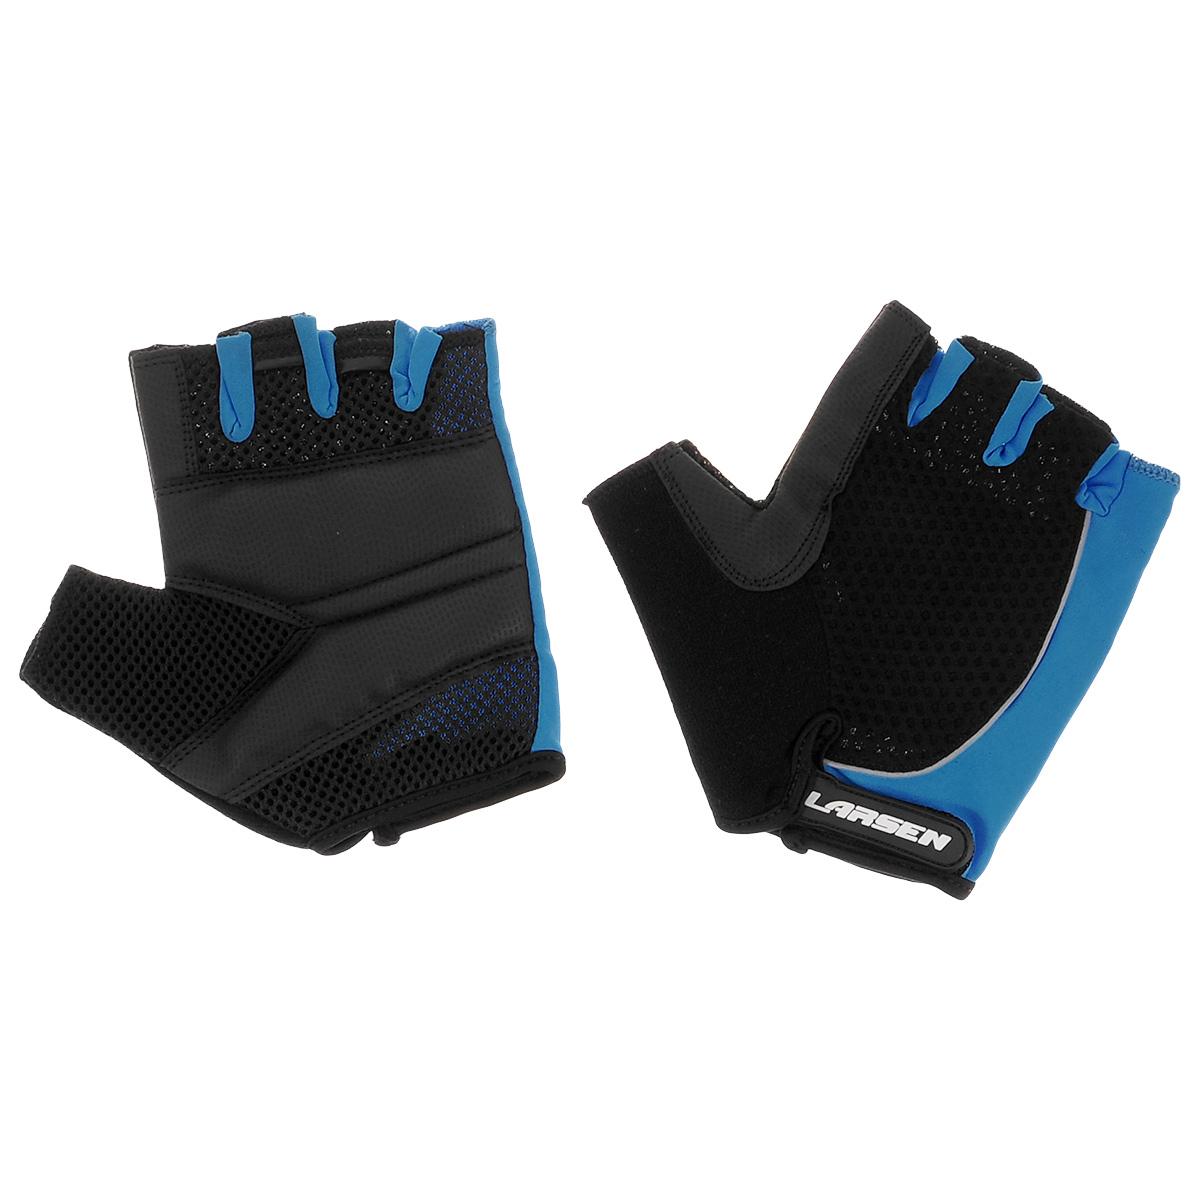 Велоперчатки Larsen, цвет: черный, синий. Размер MRivaCase 7560 redВелоперчатки Larsen выполнены из высококачественного нейлона и амары. Ладони оснащены накладкой из полиуретана для повышенного сцепления и системой Pull Off на пальцах. Застежка Velcro надежно фиксирует перчатки на руке. Сетка способствует хорошей вентиляции.